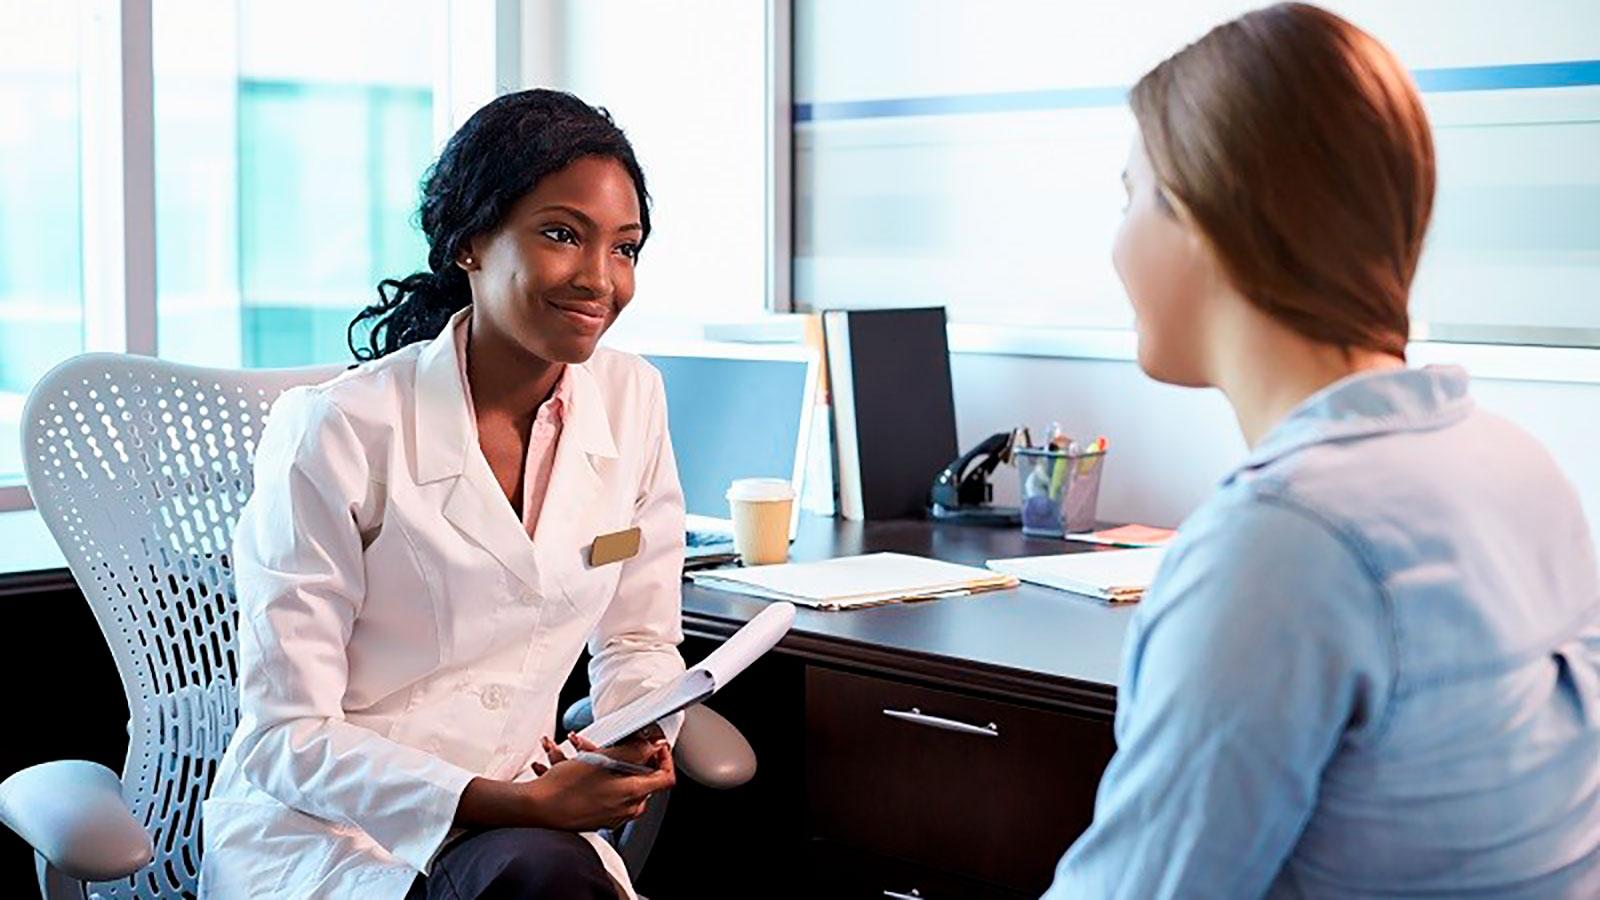 Donante de ovulos Cryos y proceso de seleccion de las donantes